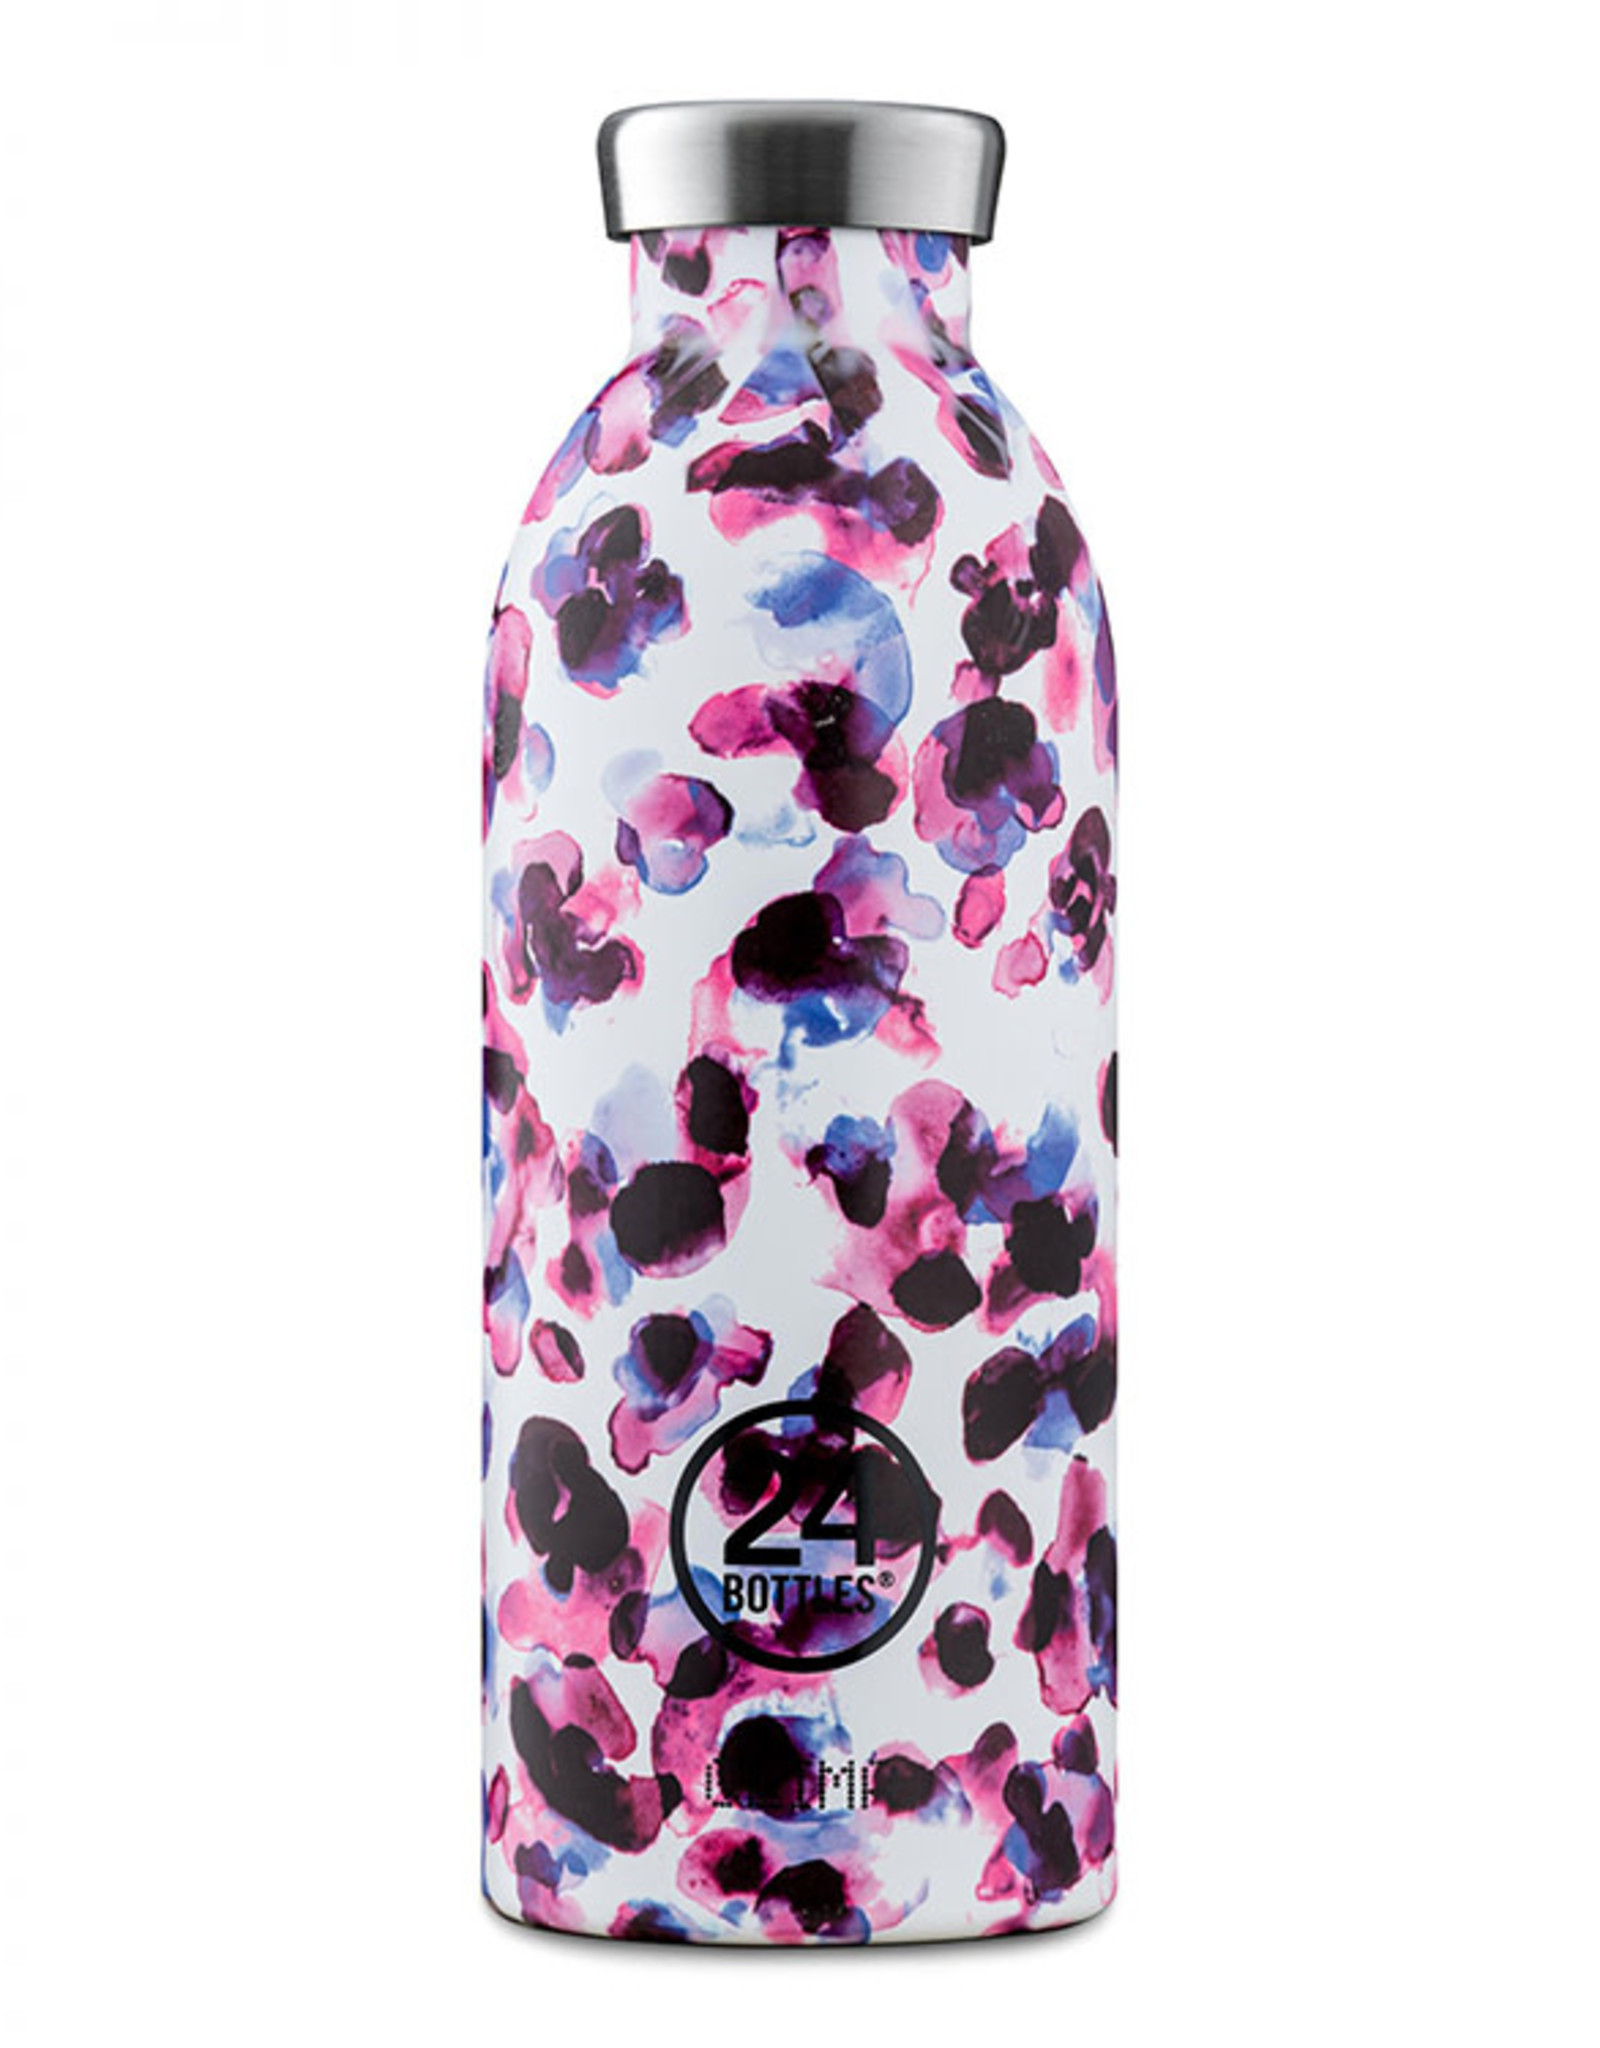 24 Bottles 24 Bottles - Clima Bottle Cheetah 500ml